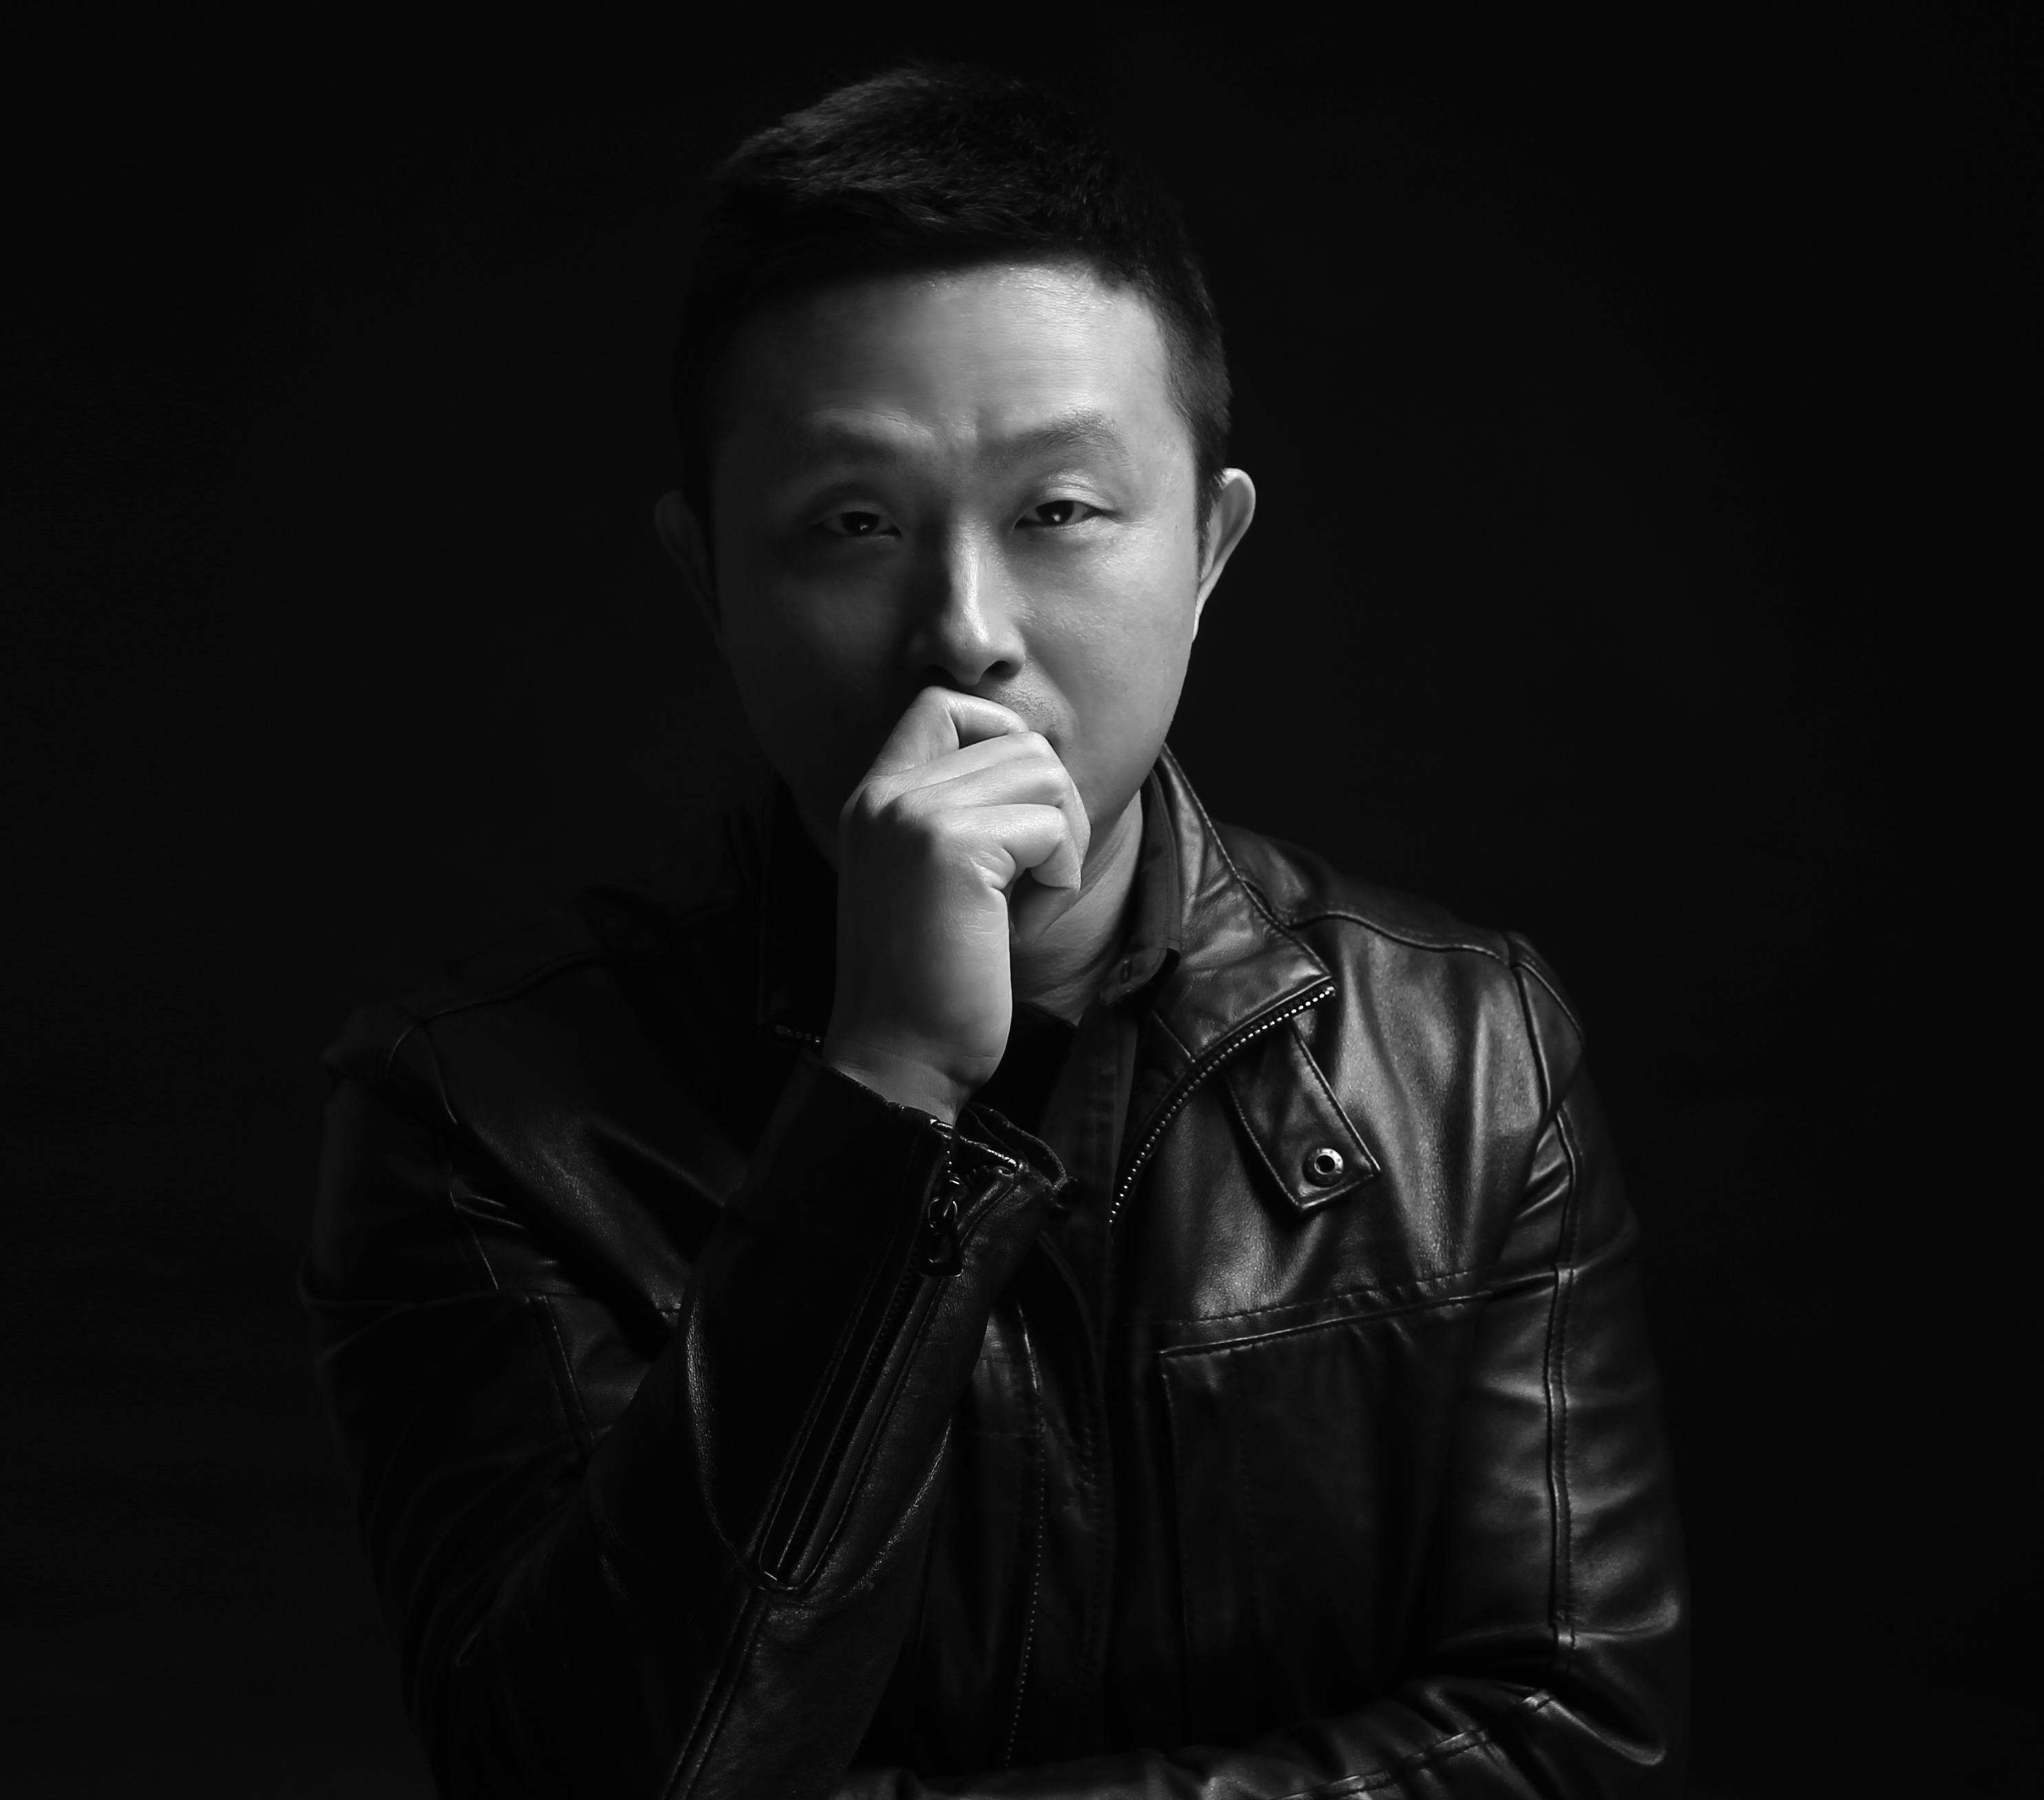 荆州陈圣俊设计师